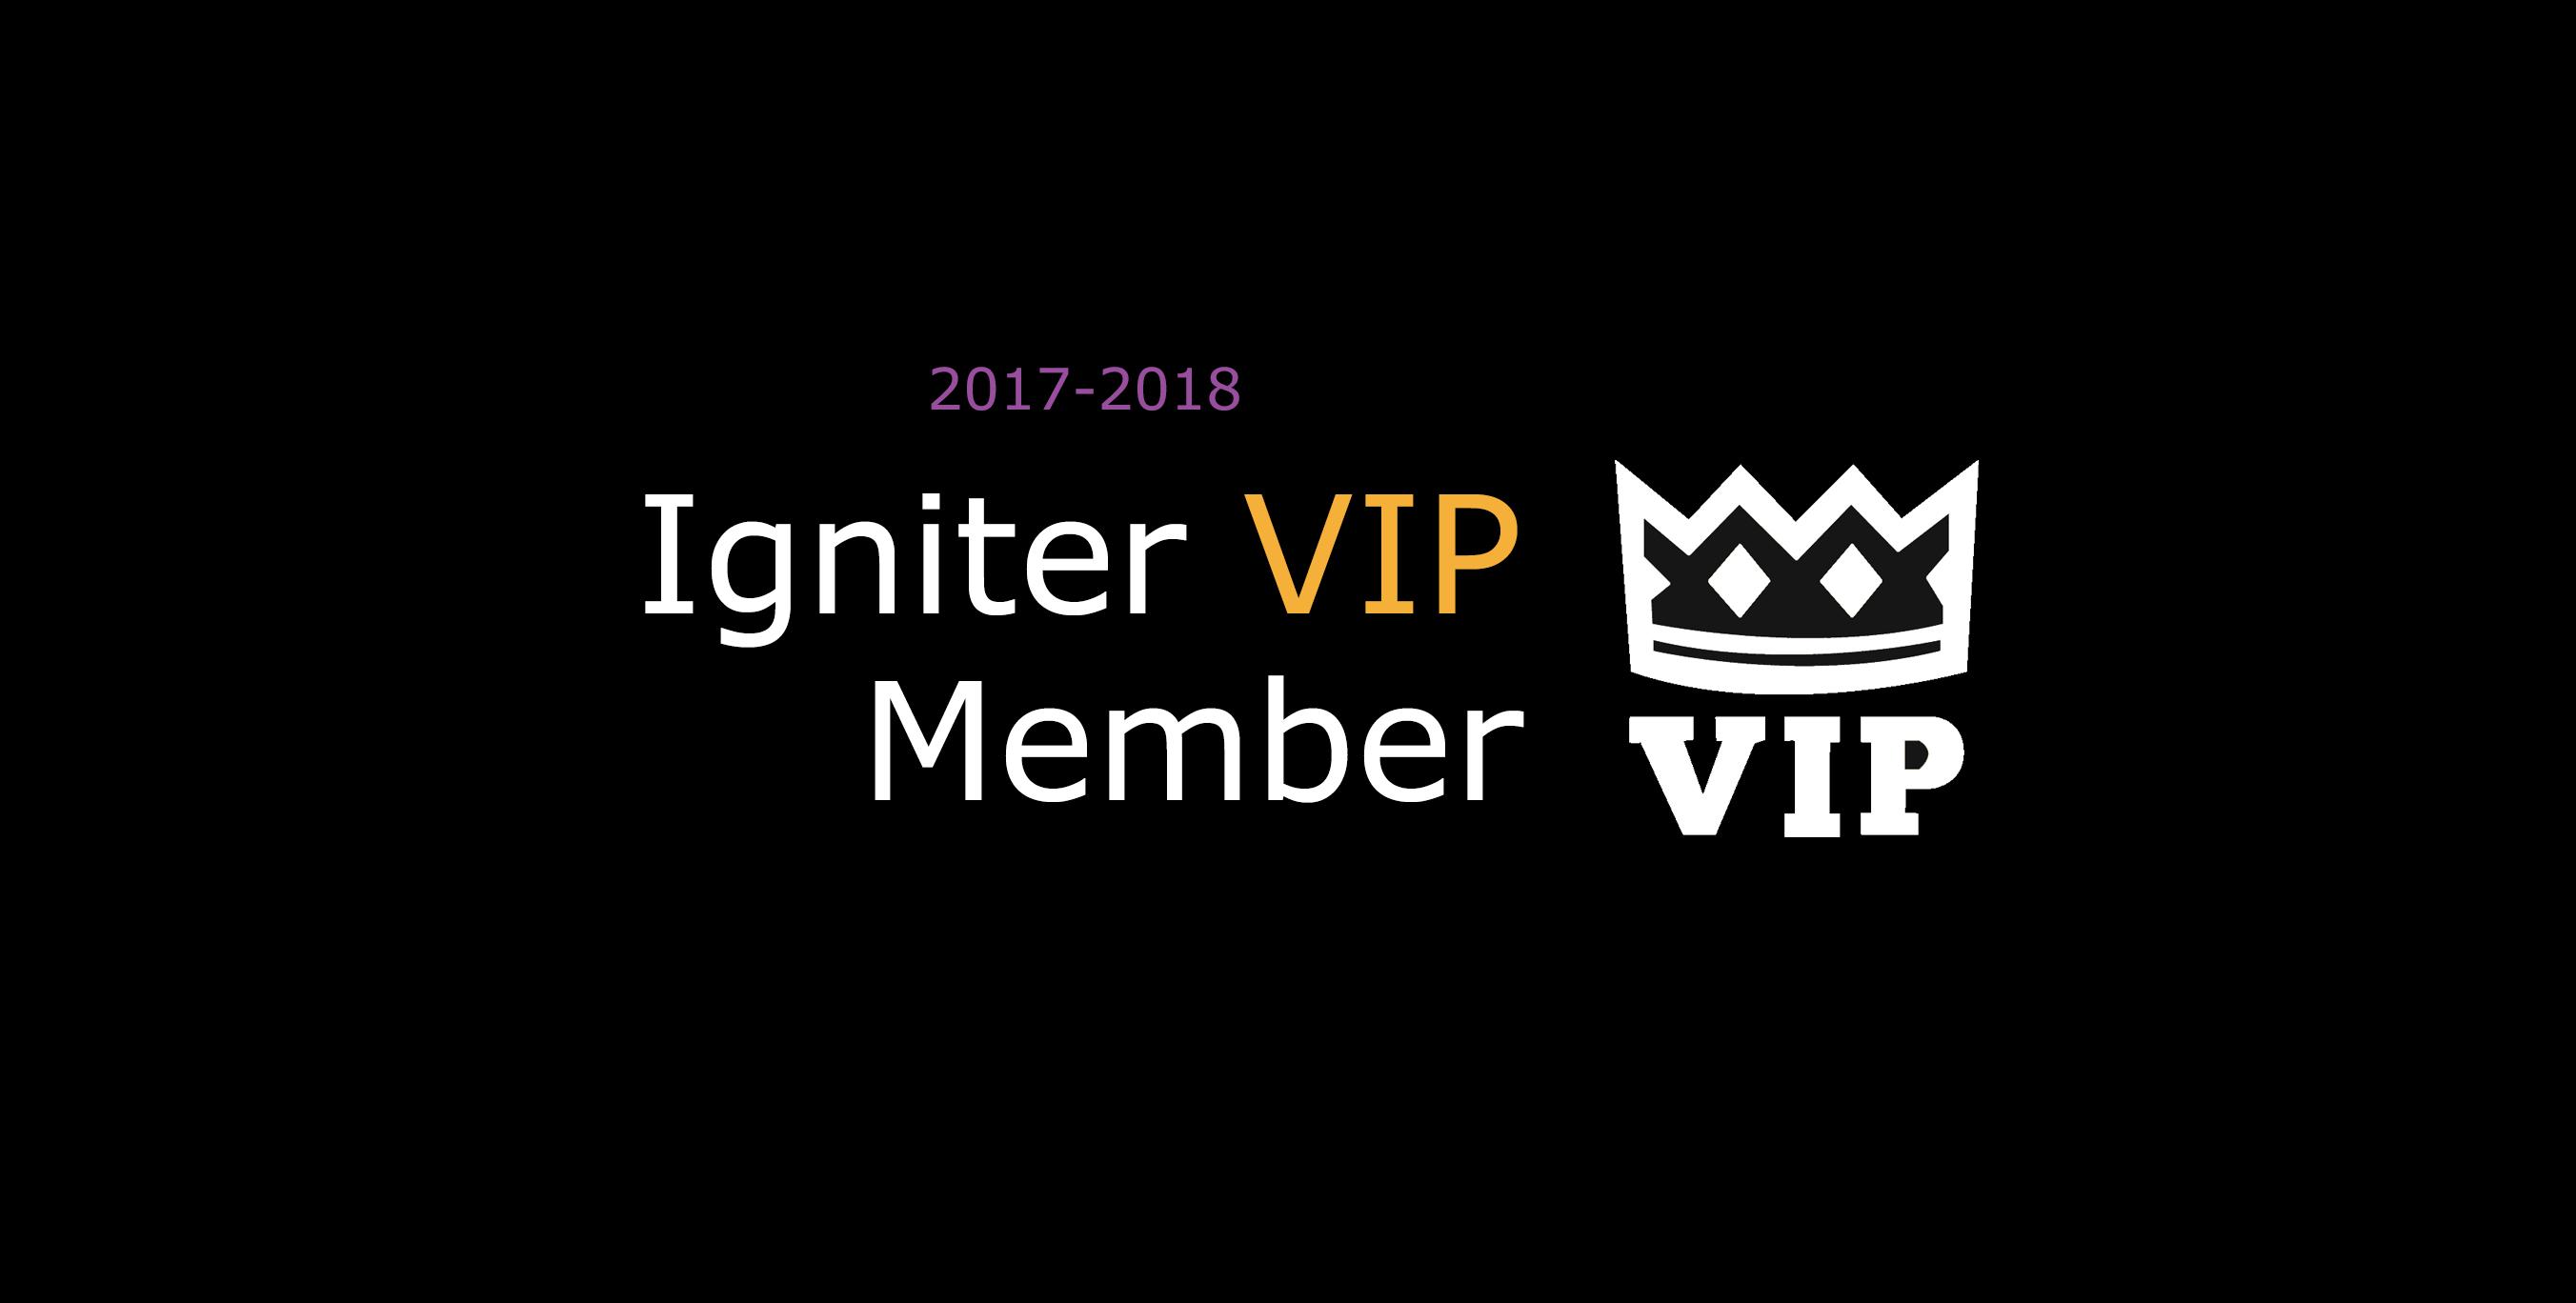 Igniter VIP Membership